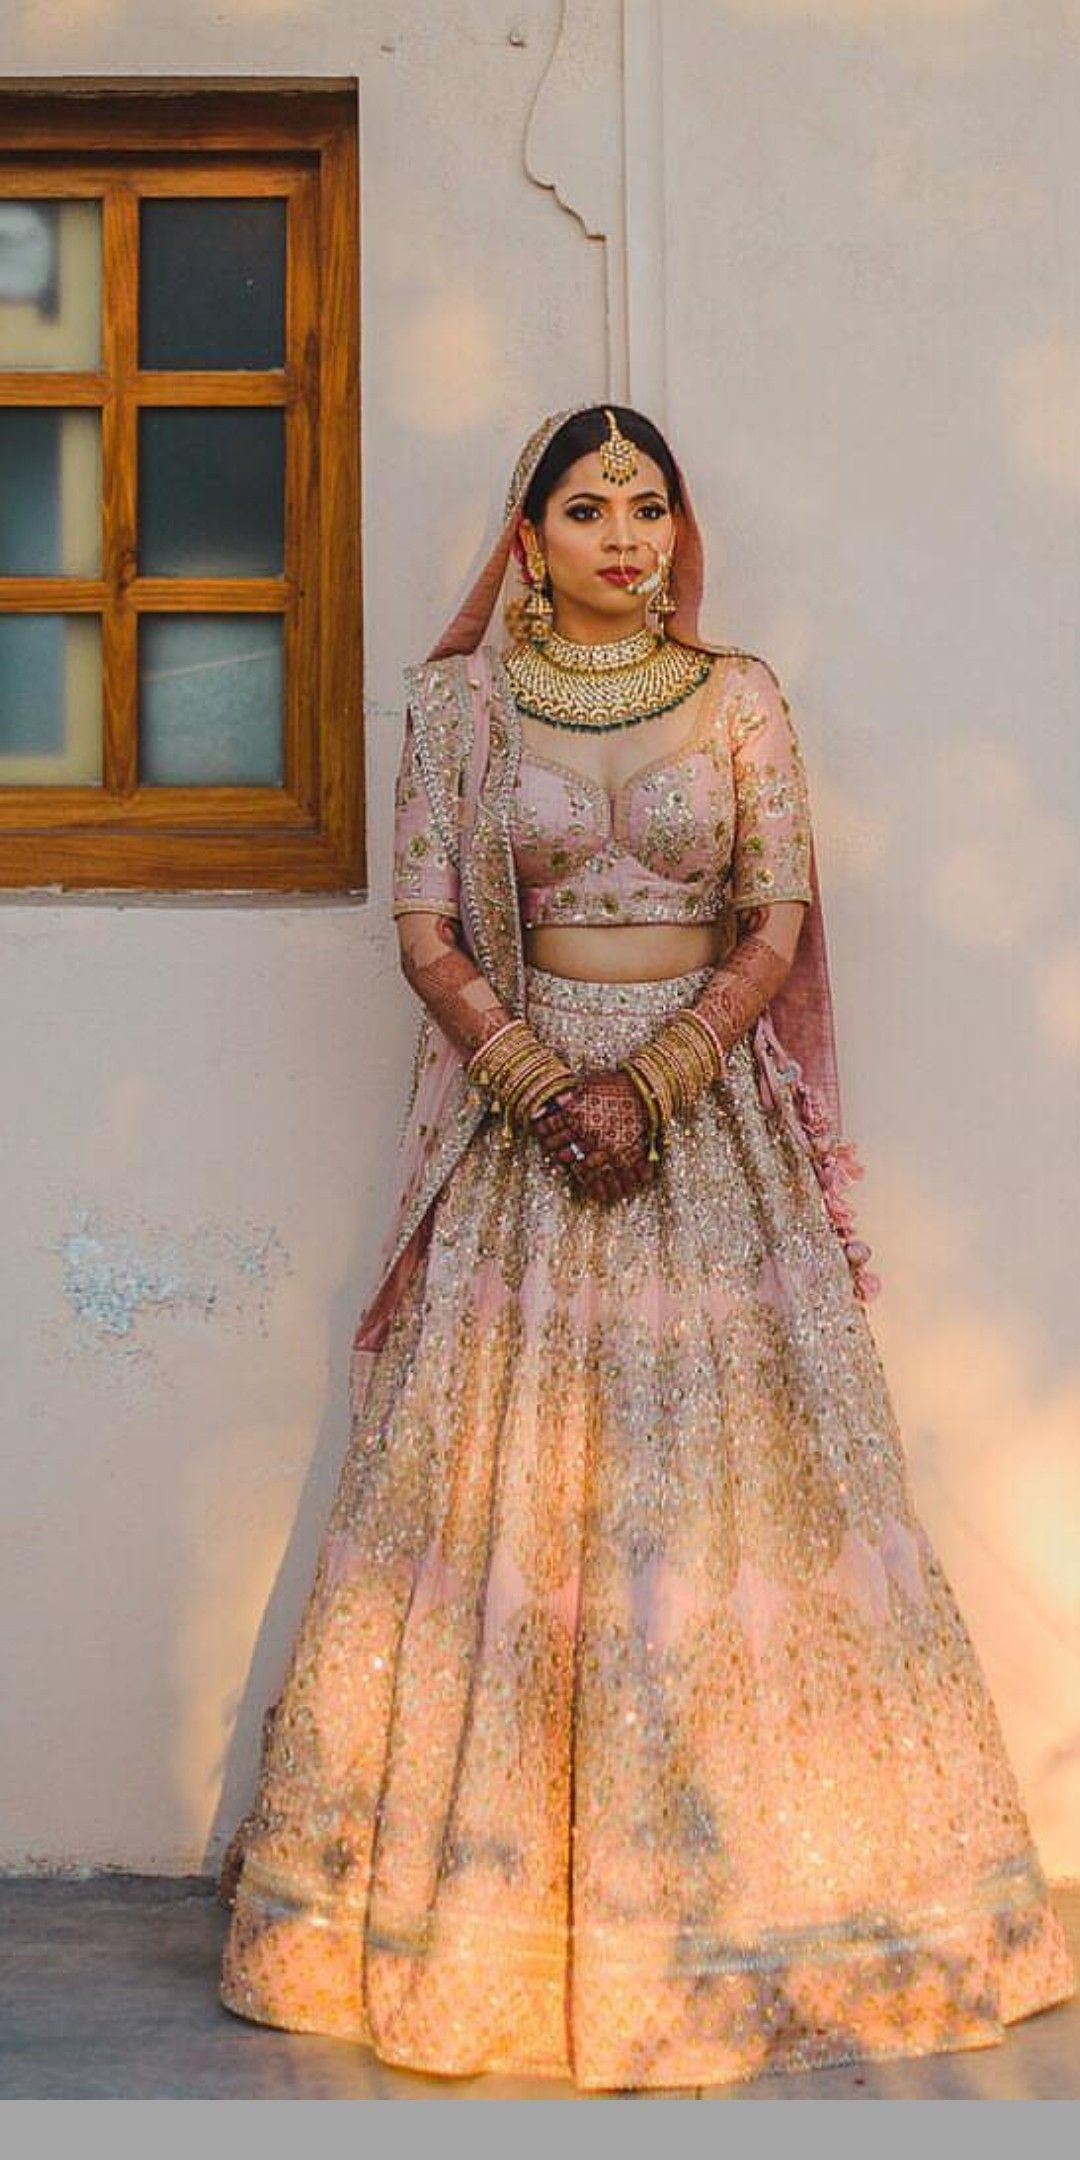 Dress to wear at a wedding  Pin by Navrose Brar on viah dressjewelry  Pinterest  Indian